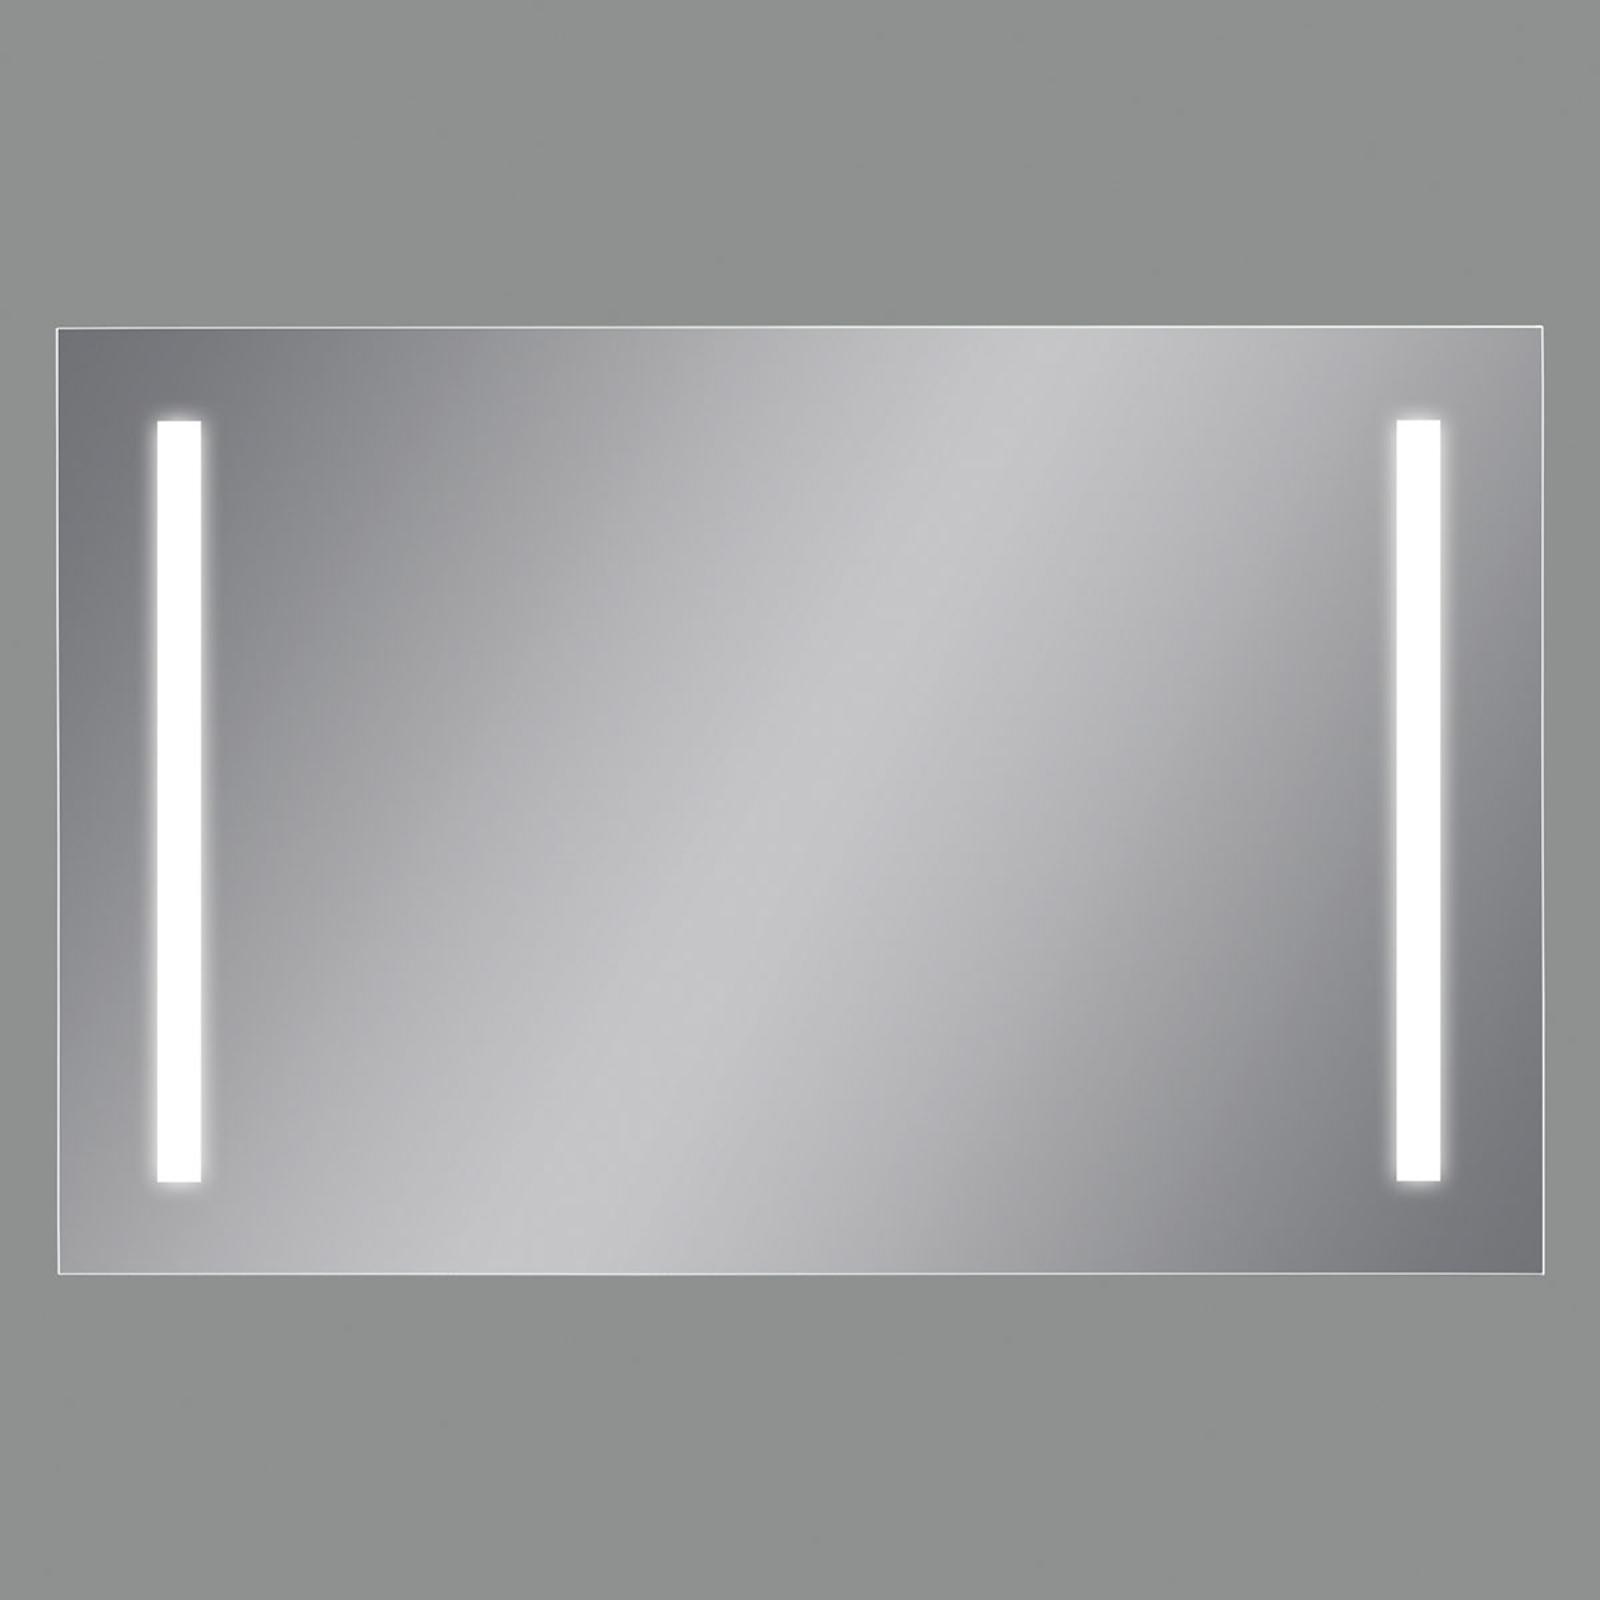 LED-Wandspiegel Jour, 52x72 cm, 3.000 K